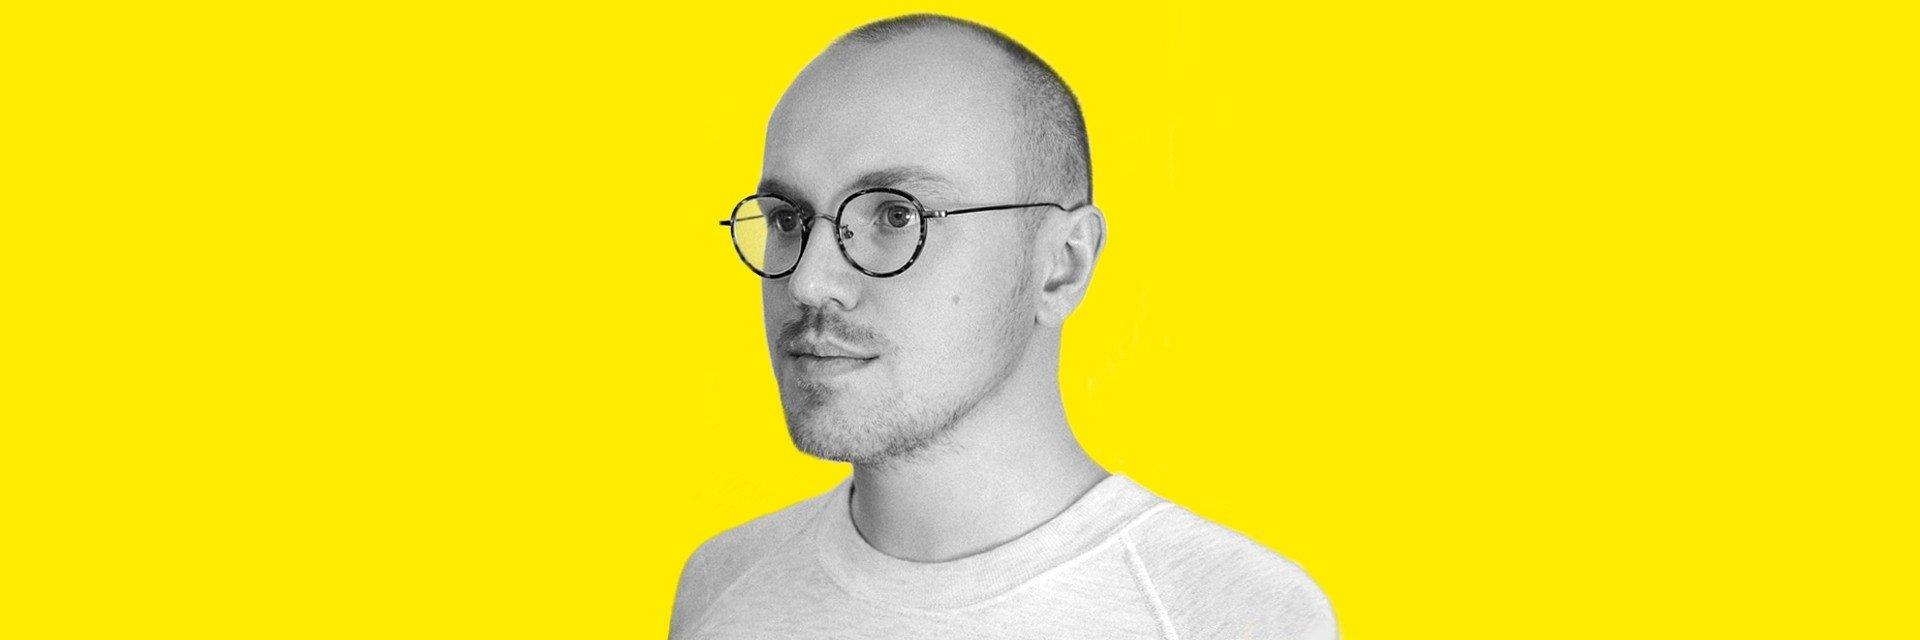 Łukasz Filak Art Directorem w Scholz & Friends Warszawa (Grupa S/F)